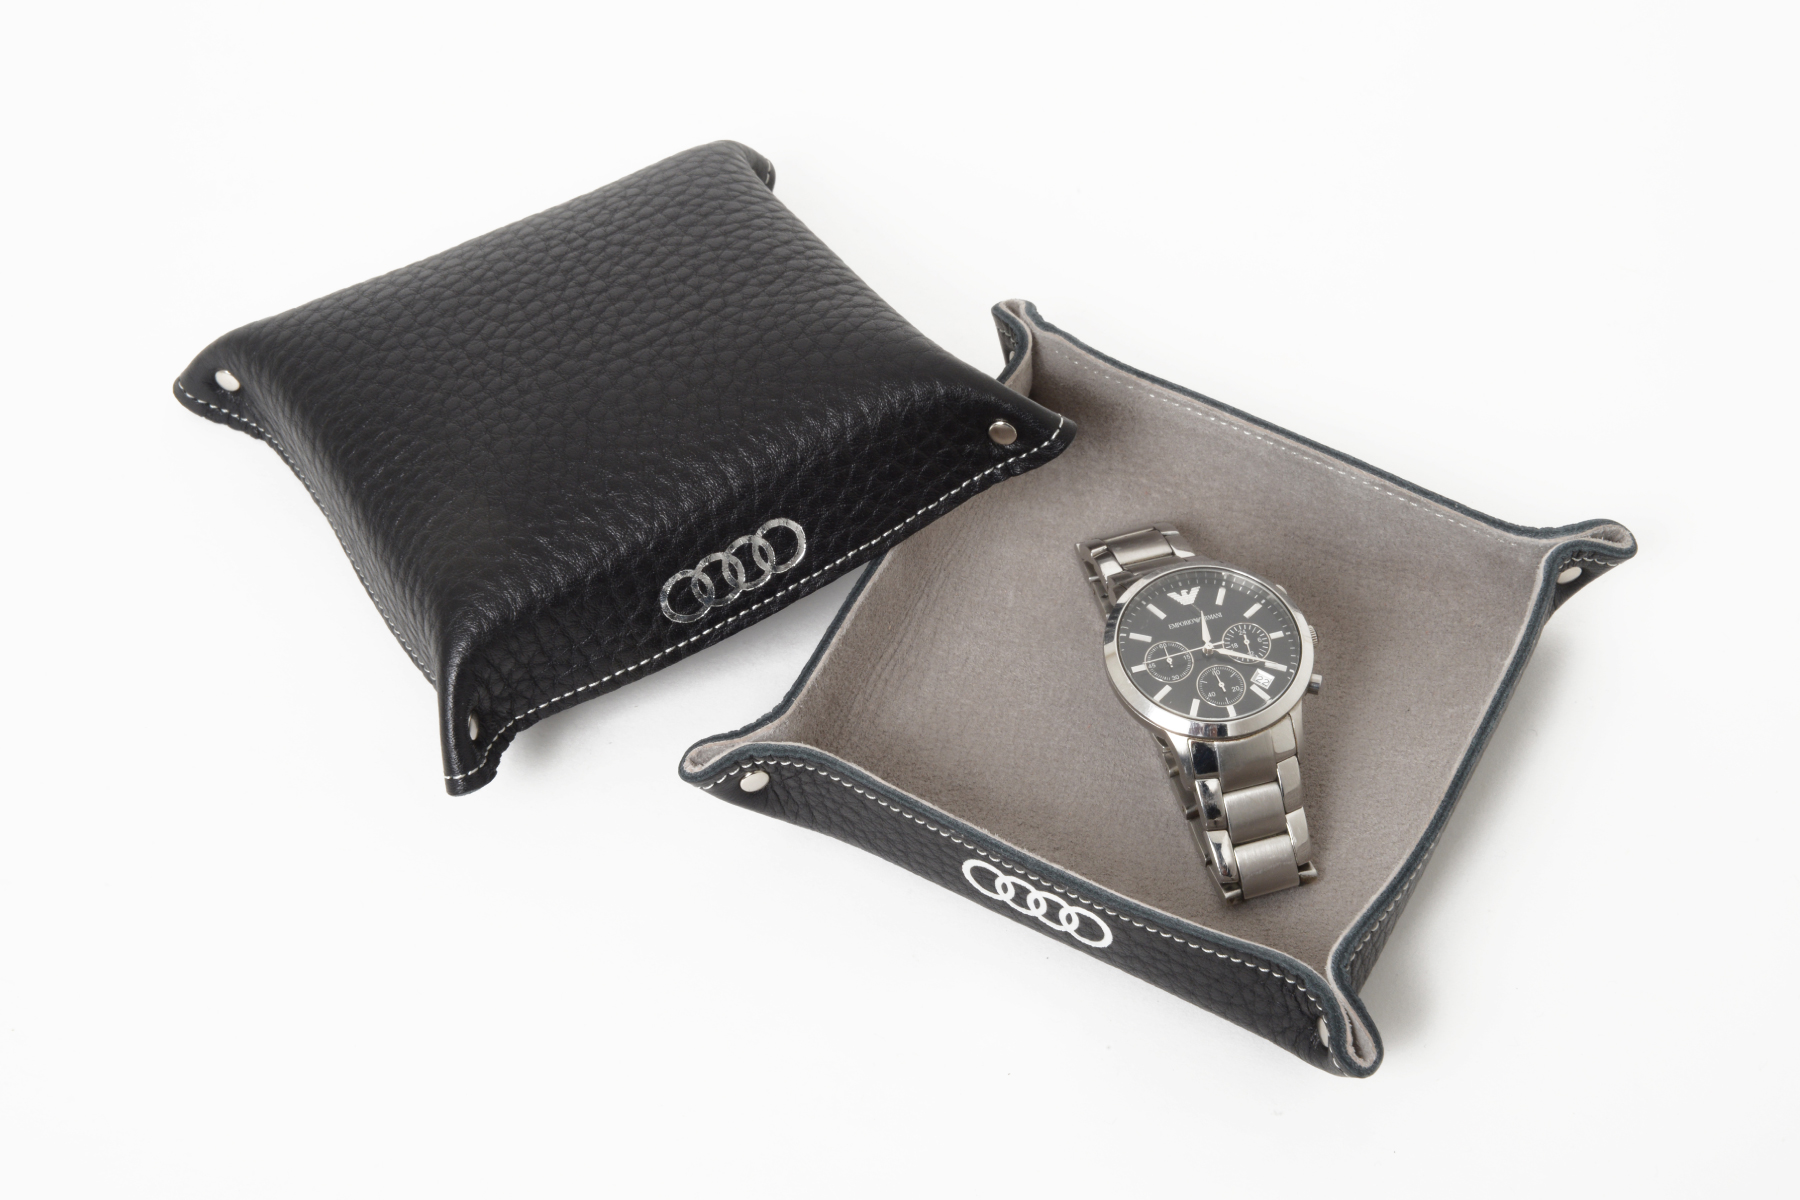 ナチュラル革トレー・オリエンタル仕様に時計を置いて使用したイメージ